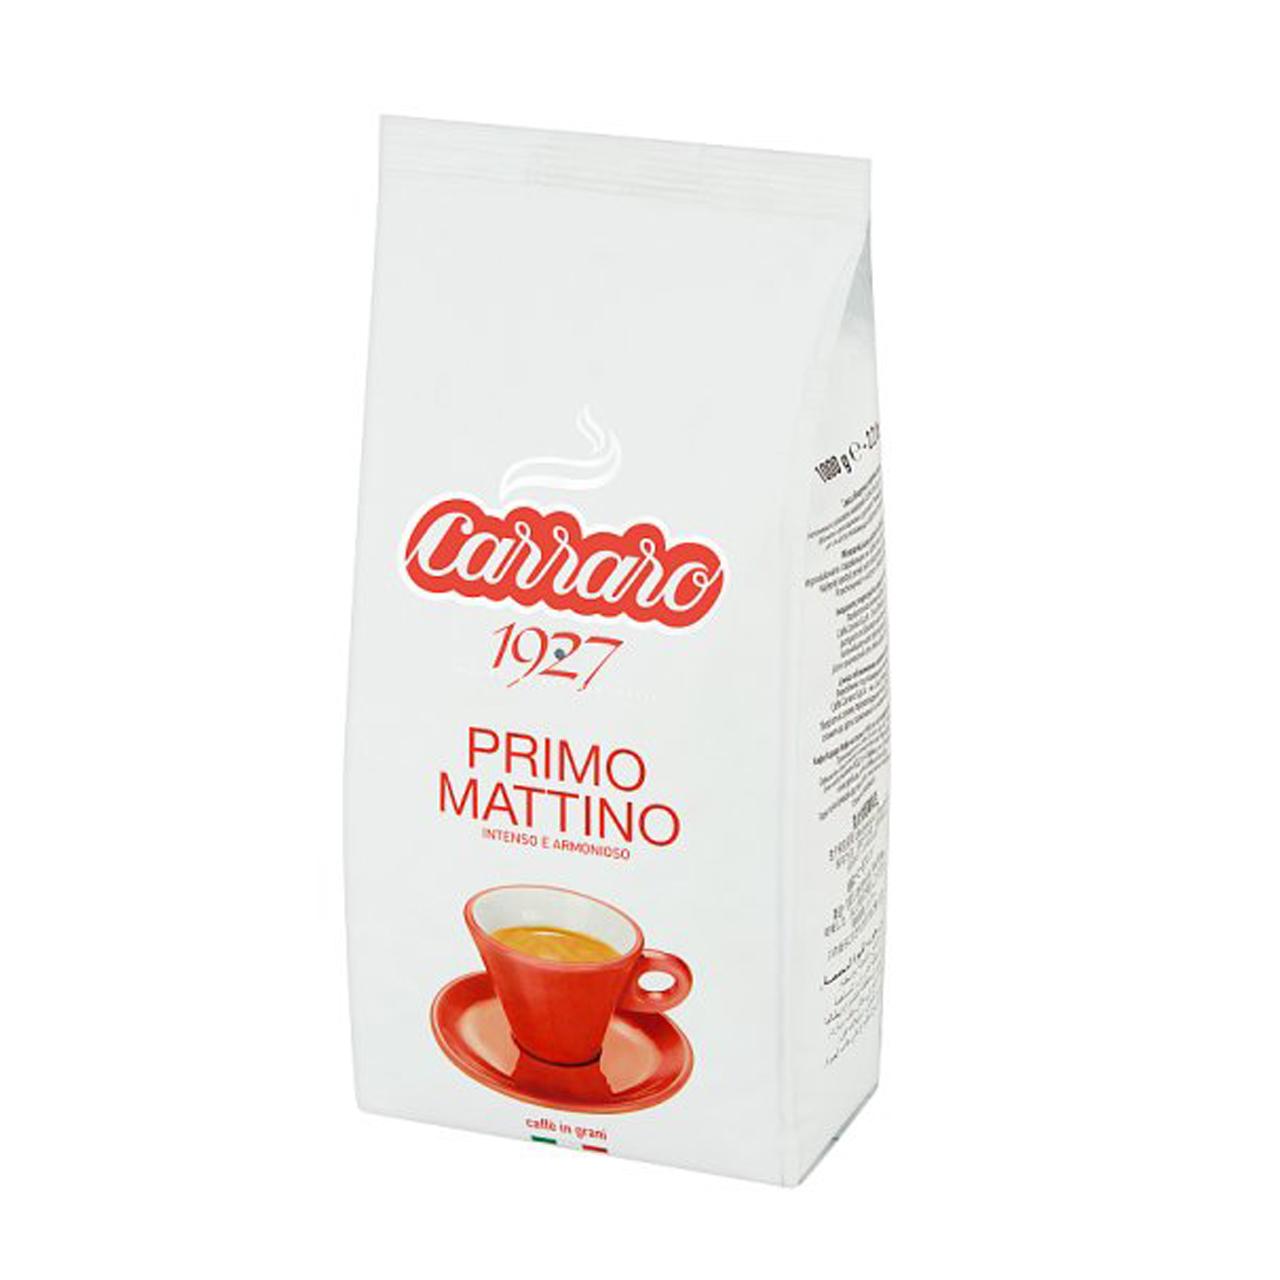 دانه قهوه کررو مدل پریمو متینو